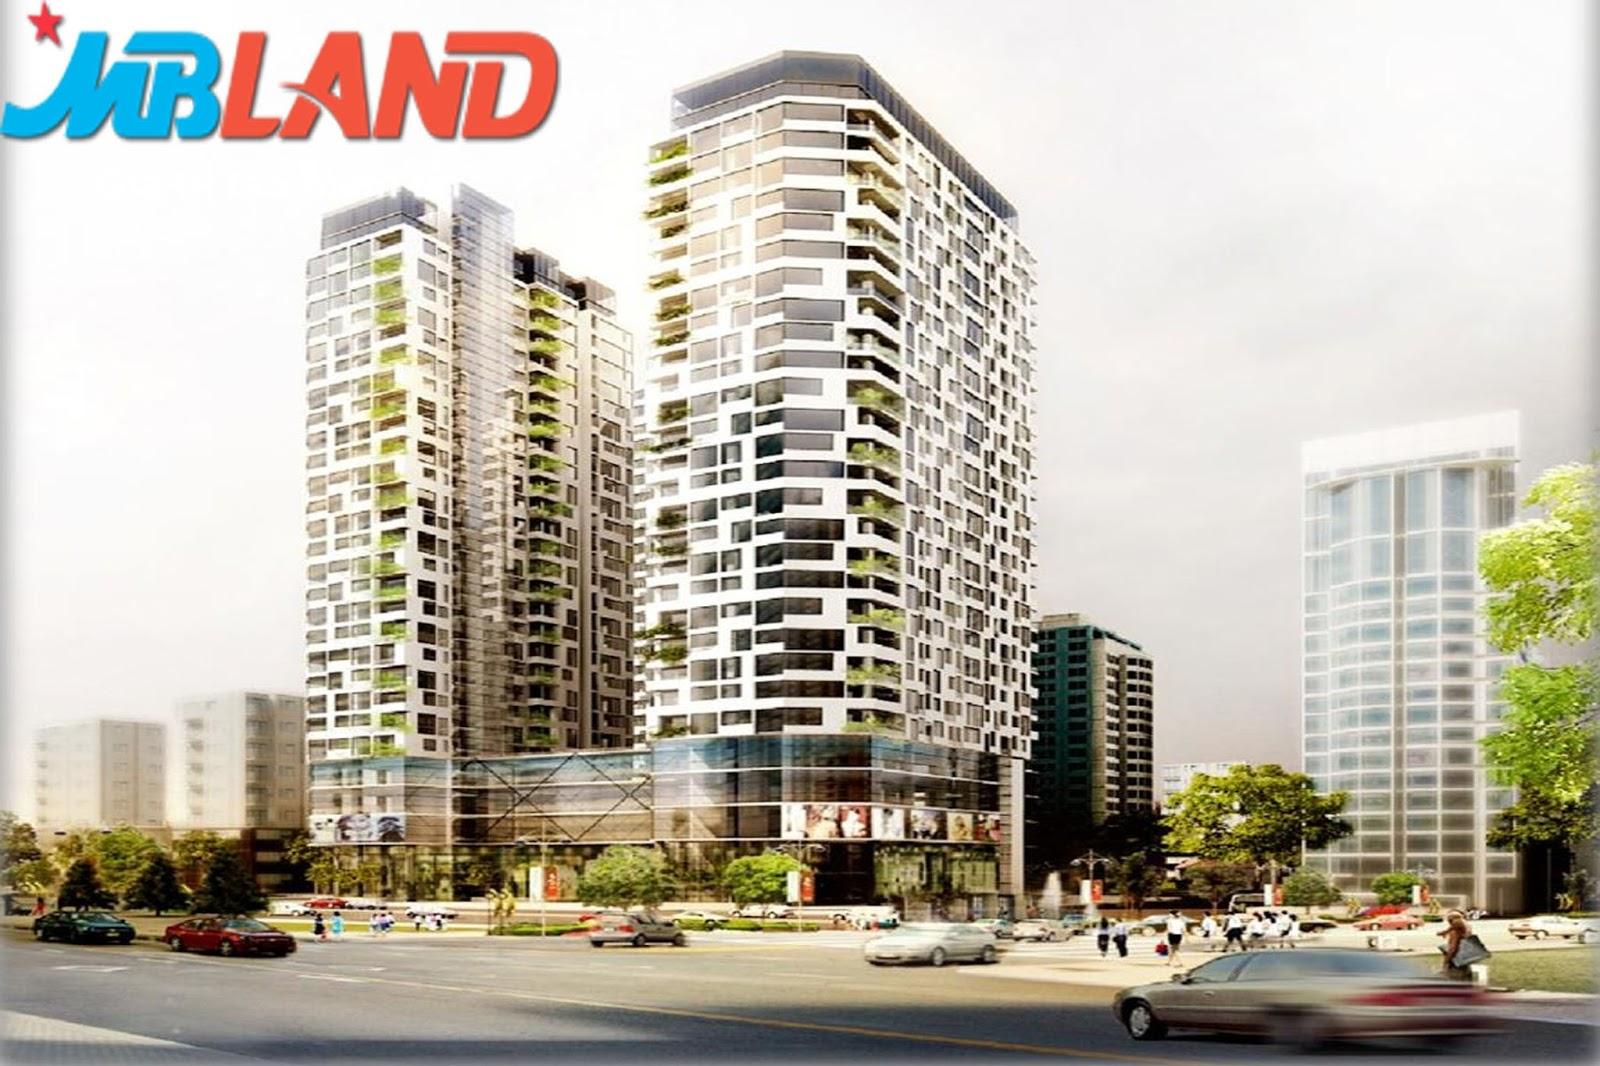 Chung cư MB Land 219 Trung Kính Central Point – Căn hộ lý tưởng cho nhà đầu tư thông minh